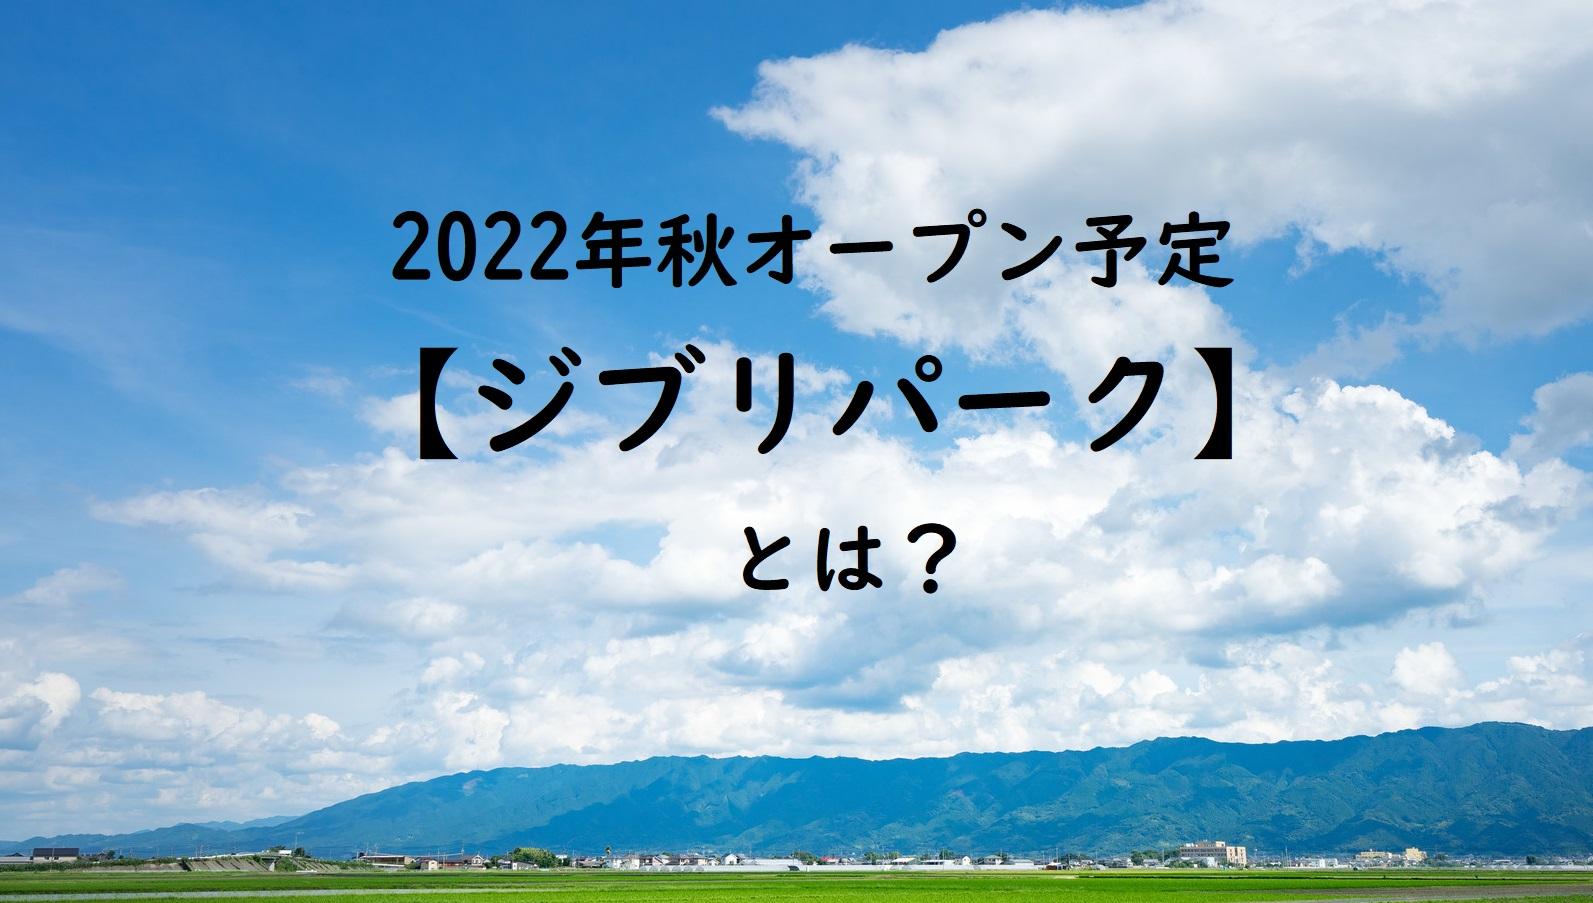 2022年オープン予定ジブリパークとは?